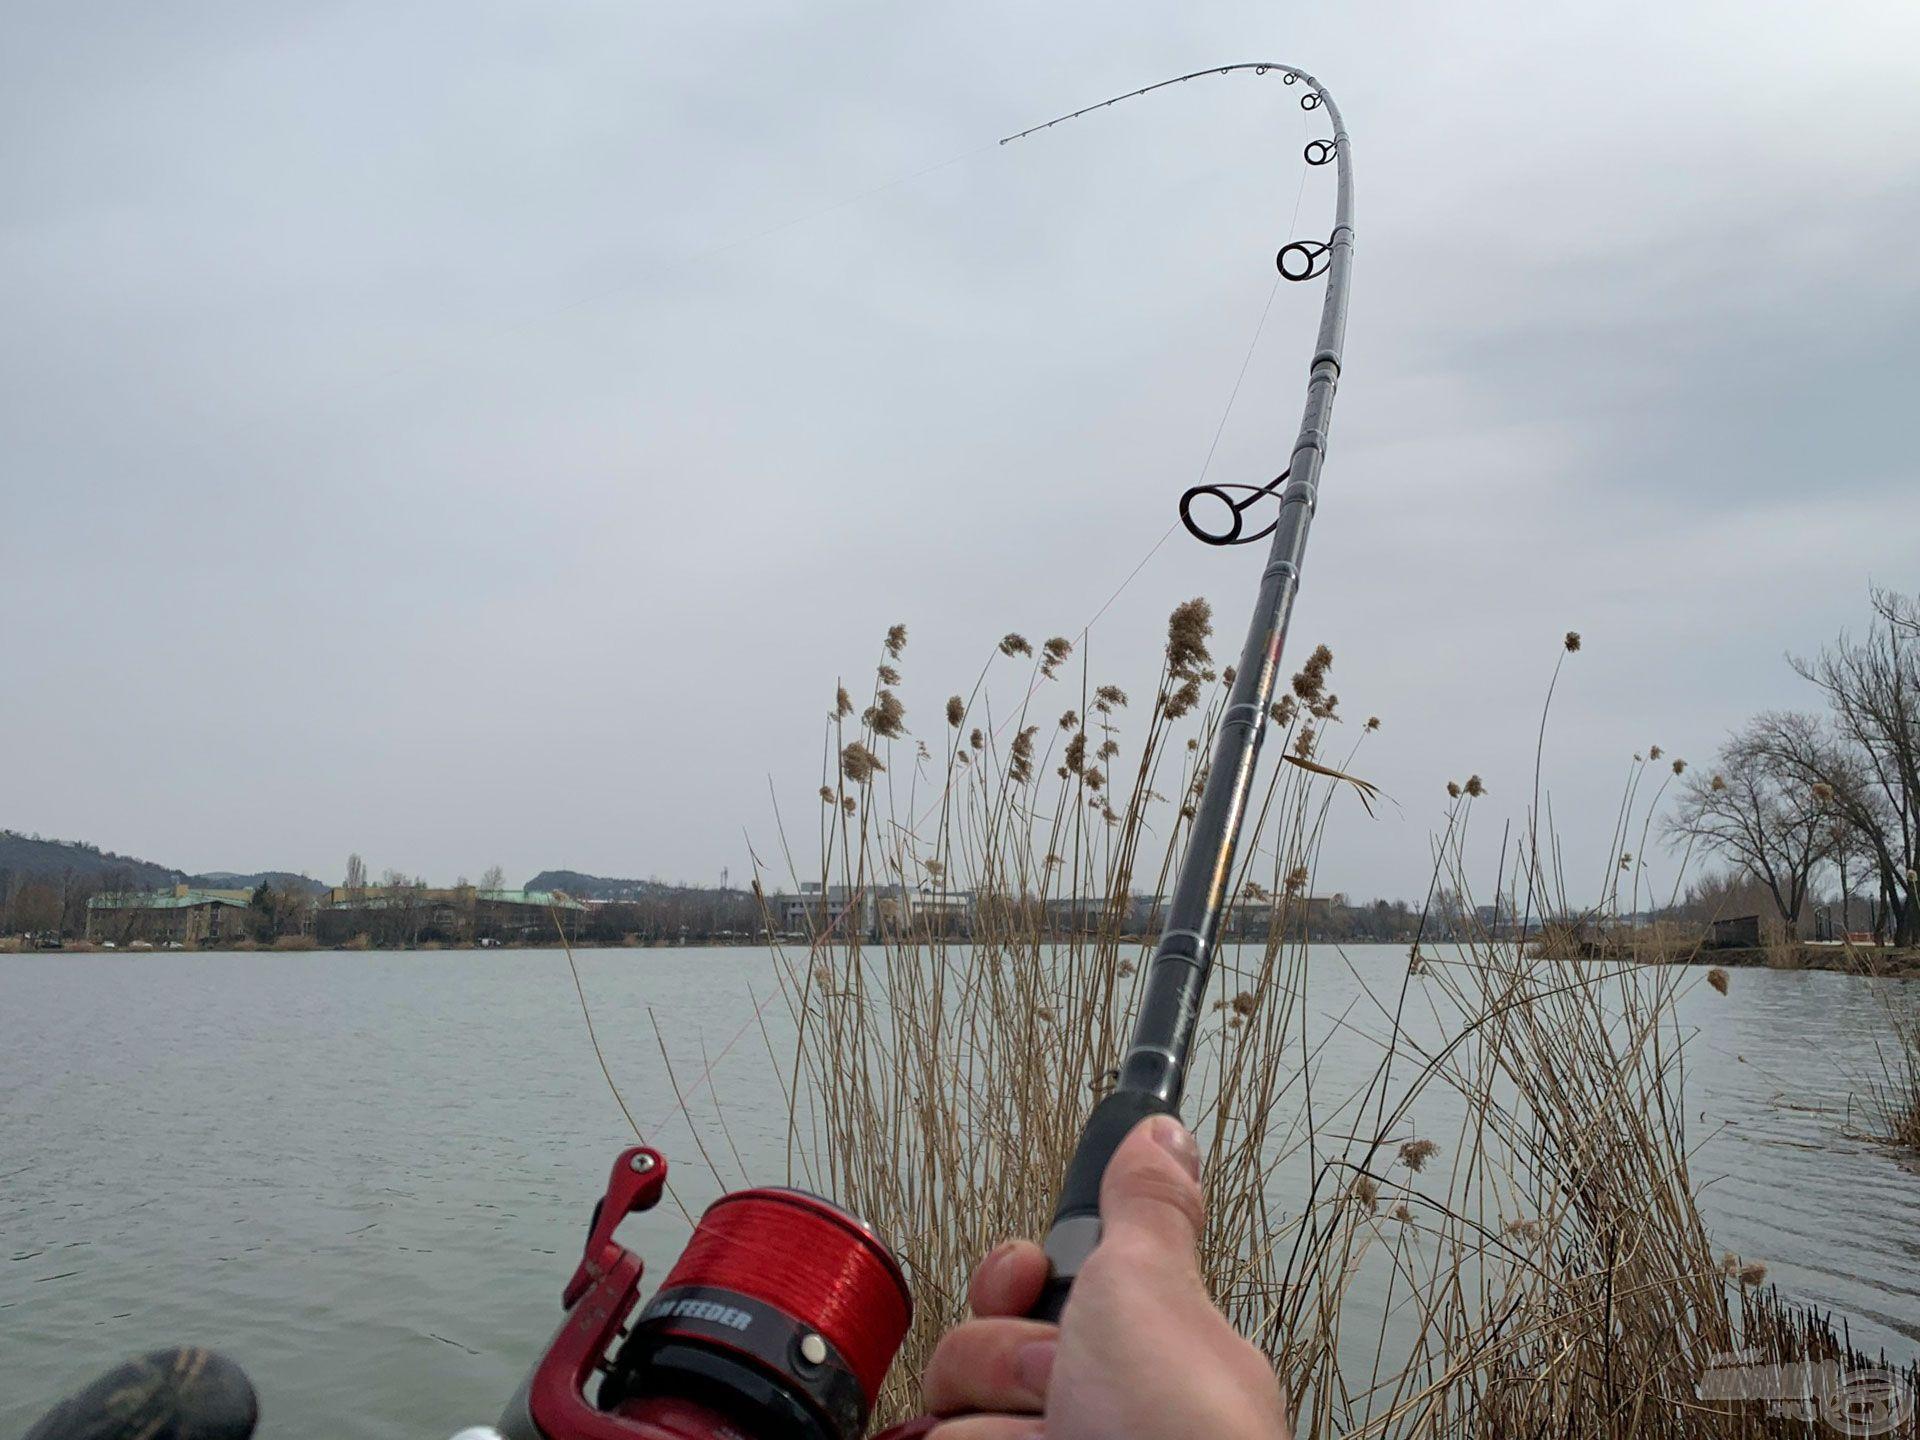 Távdobó bot ide vagy oda, lám, kisebb hal alatt is szépen dolgozik